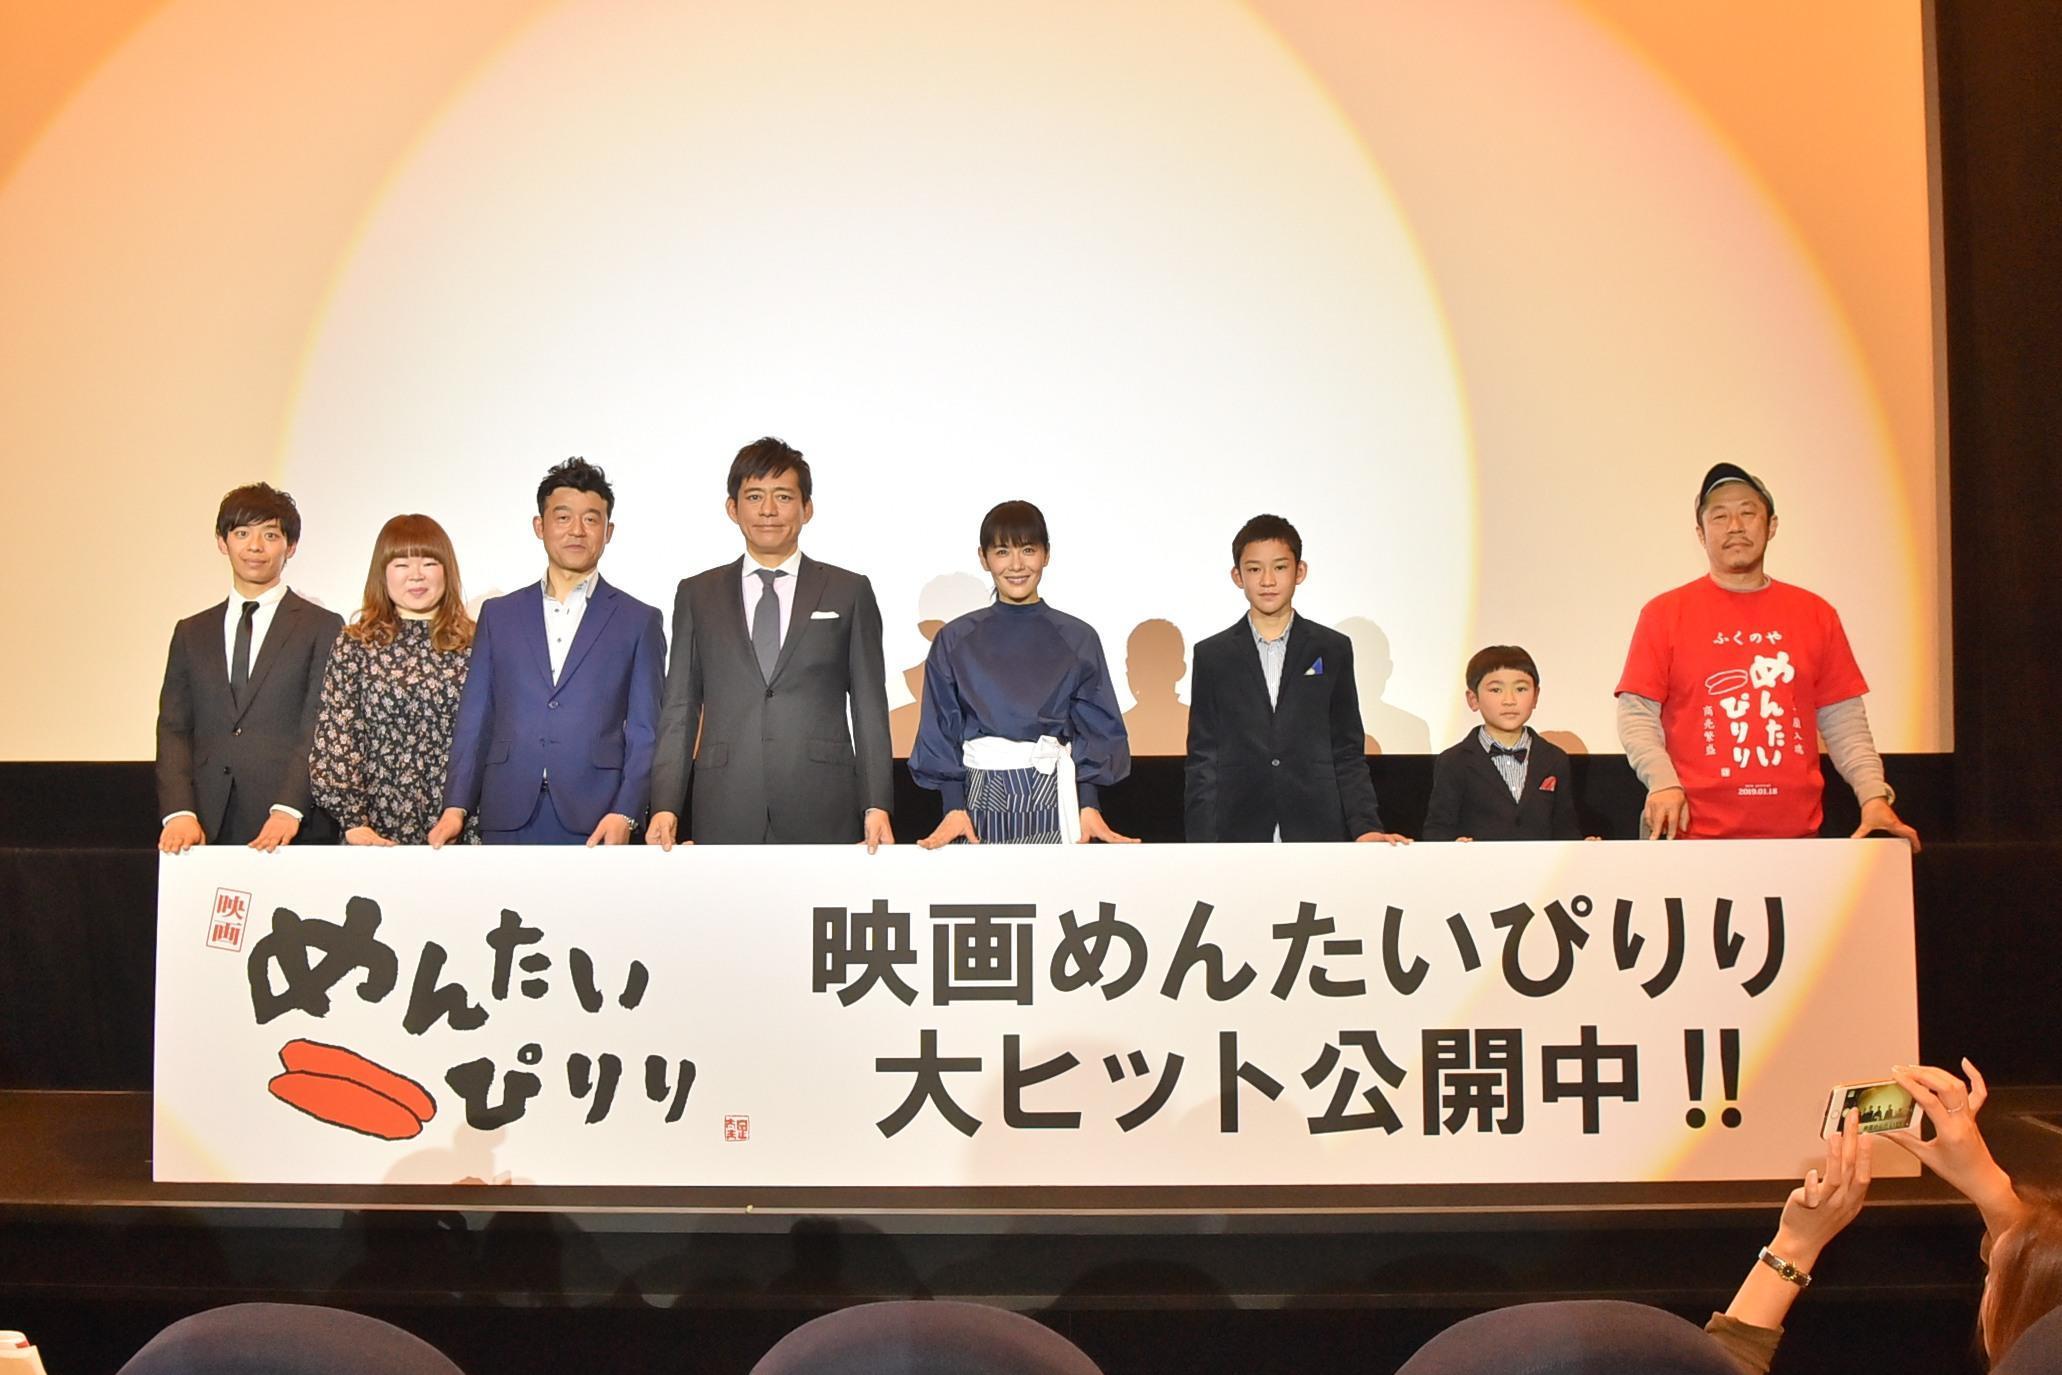 http://news.yoshimoto.co.jp/20190115125820-559df0753f06e1acb0f55c4ed6b8fafd5aaadbde.jpg